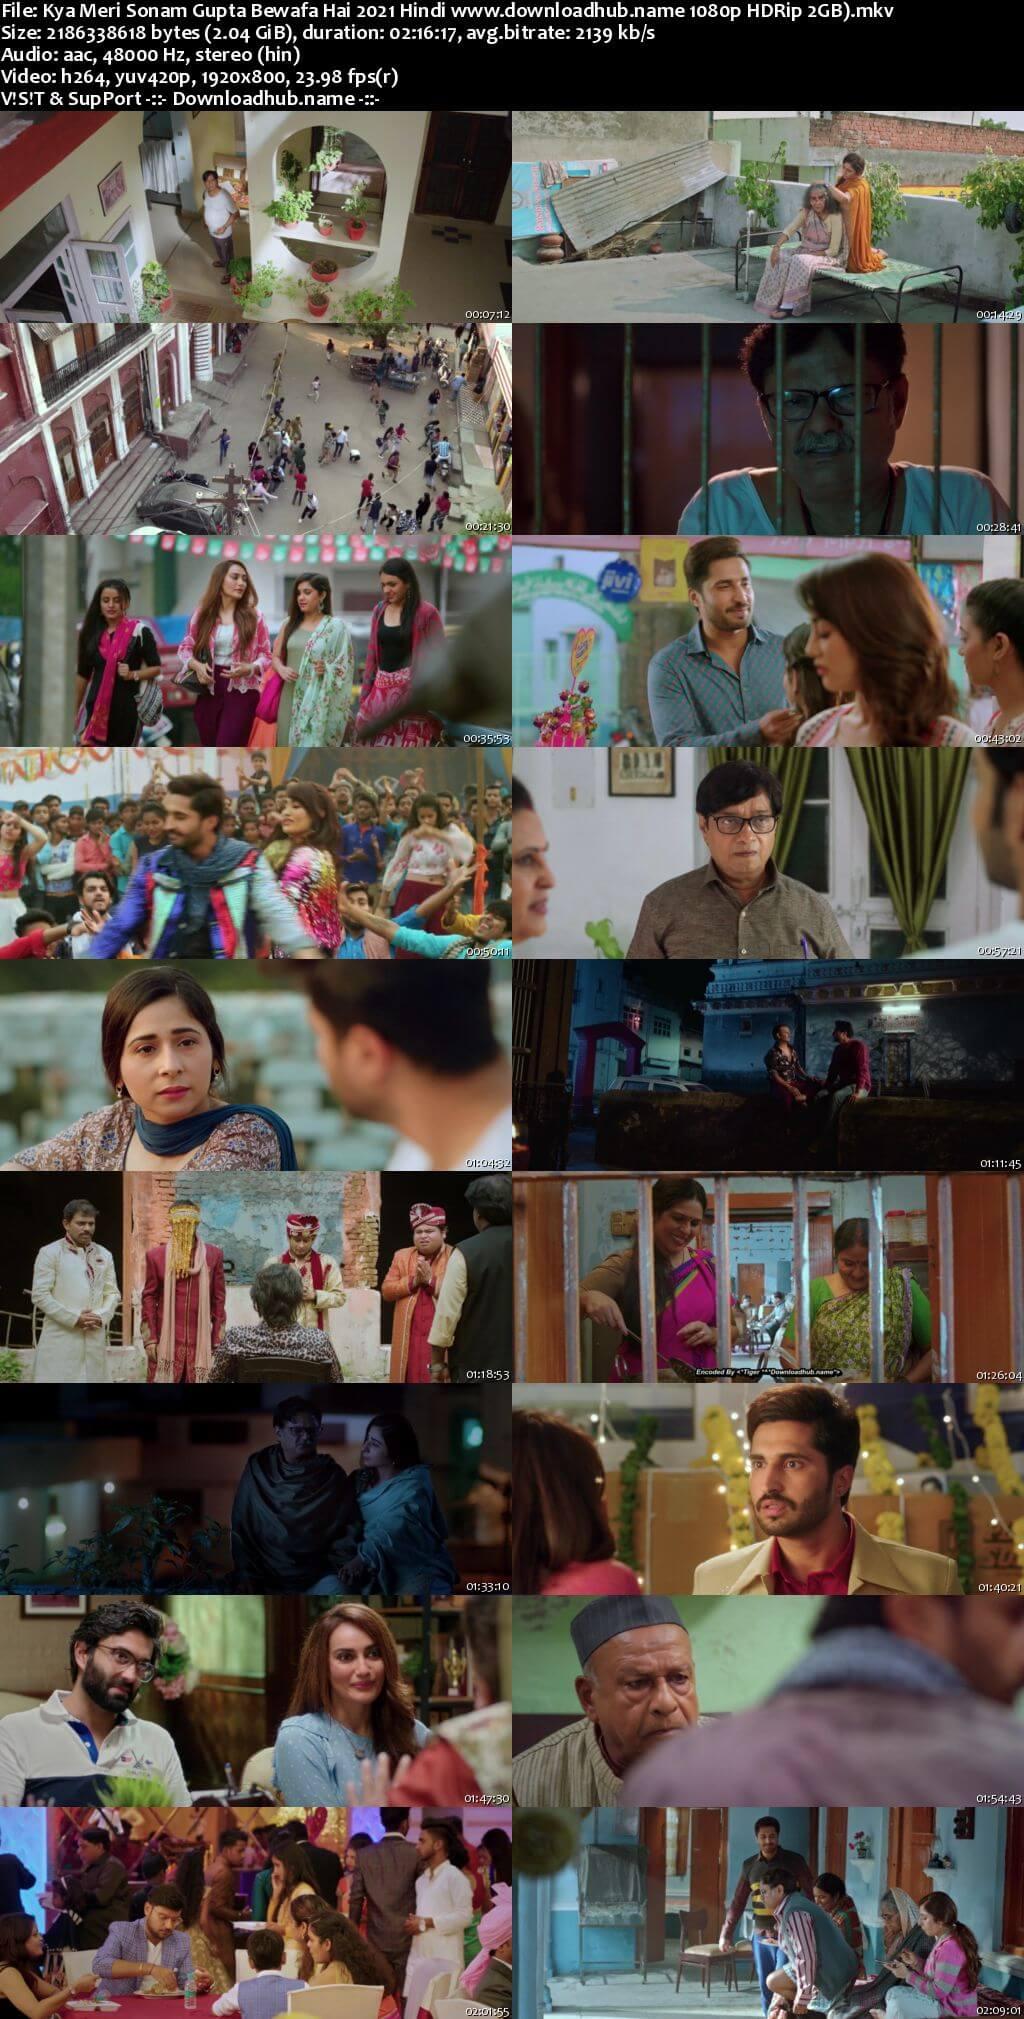 Kya Meri Sonam Gupta Bewafa Hai 2021 Hindi 1080p HDRip 2GB